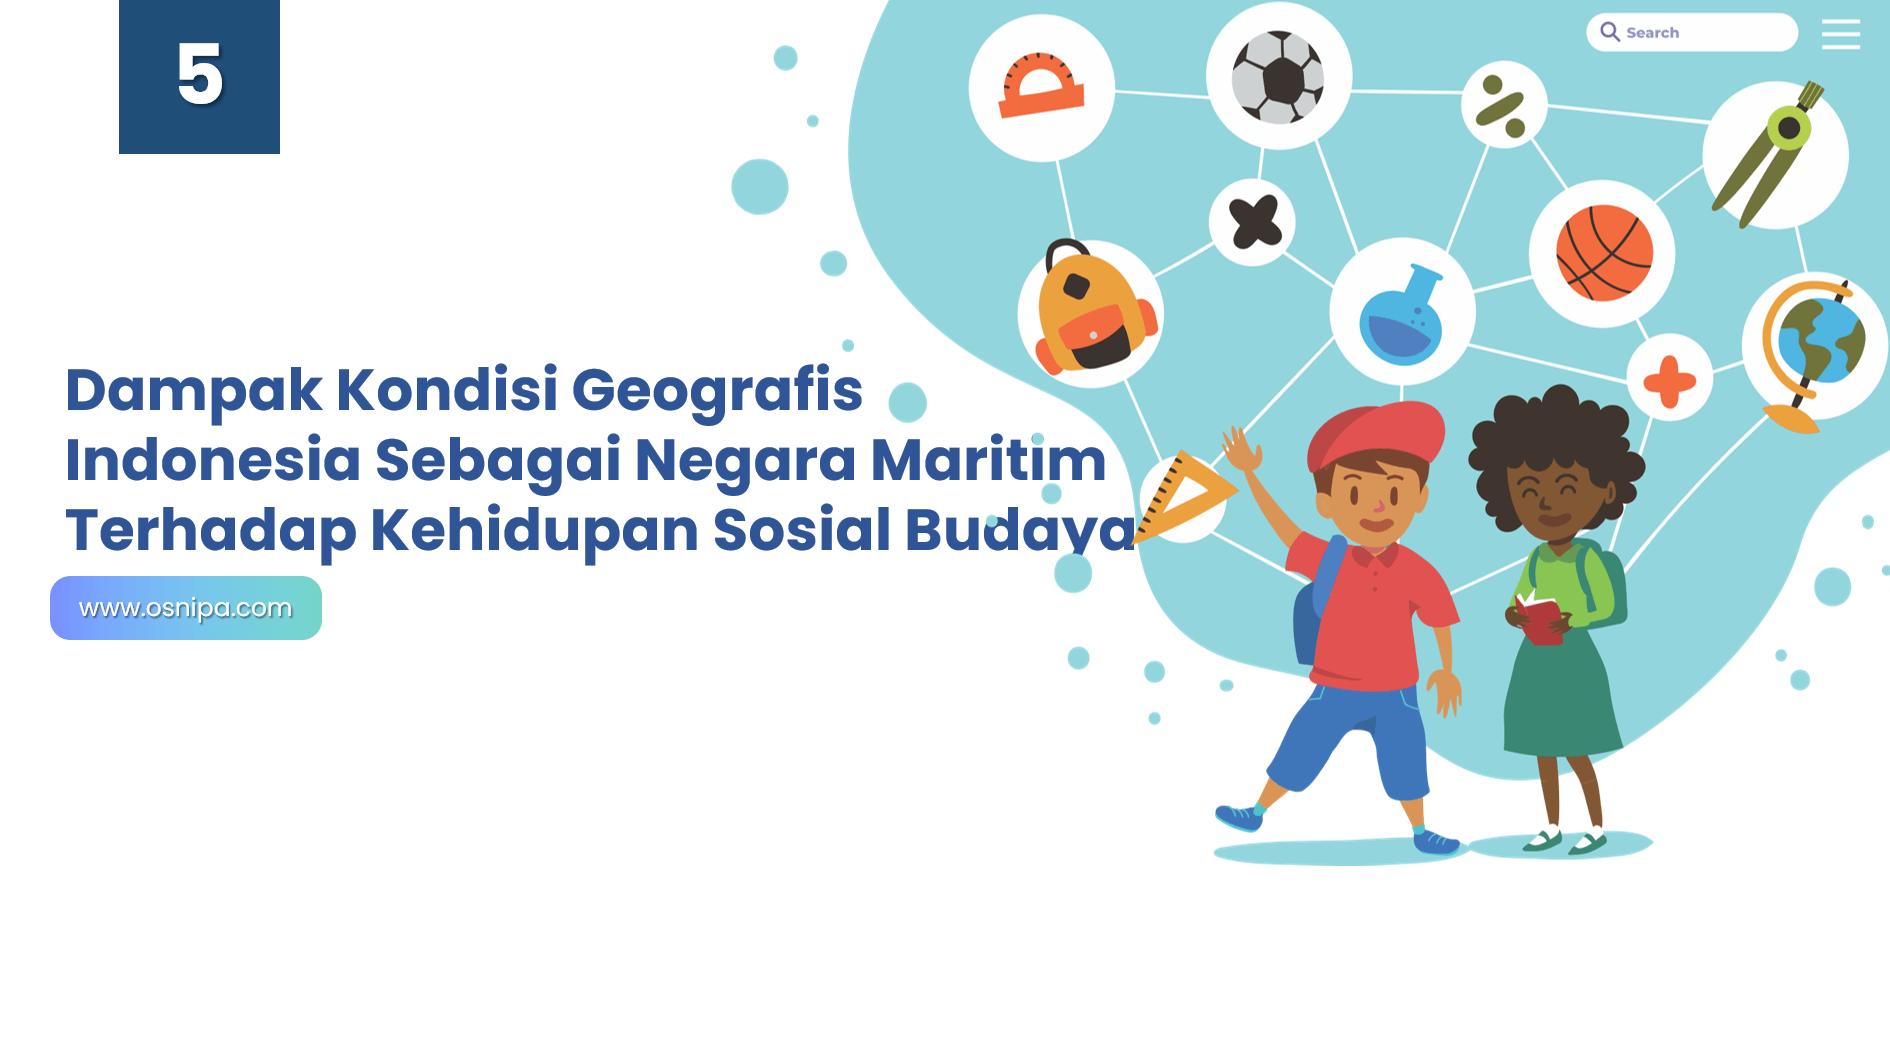 Dampak Kondisi Geografis Indonesia Sebagai Negara Maritim Terhadap Kehidupan Sosial Budaya